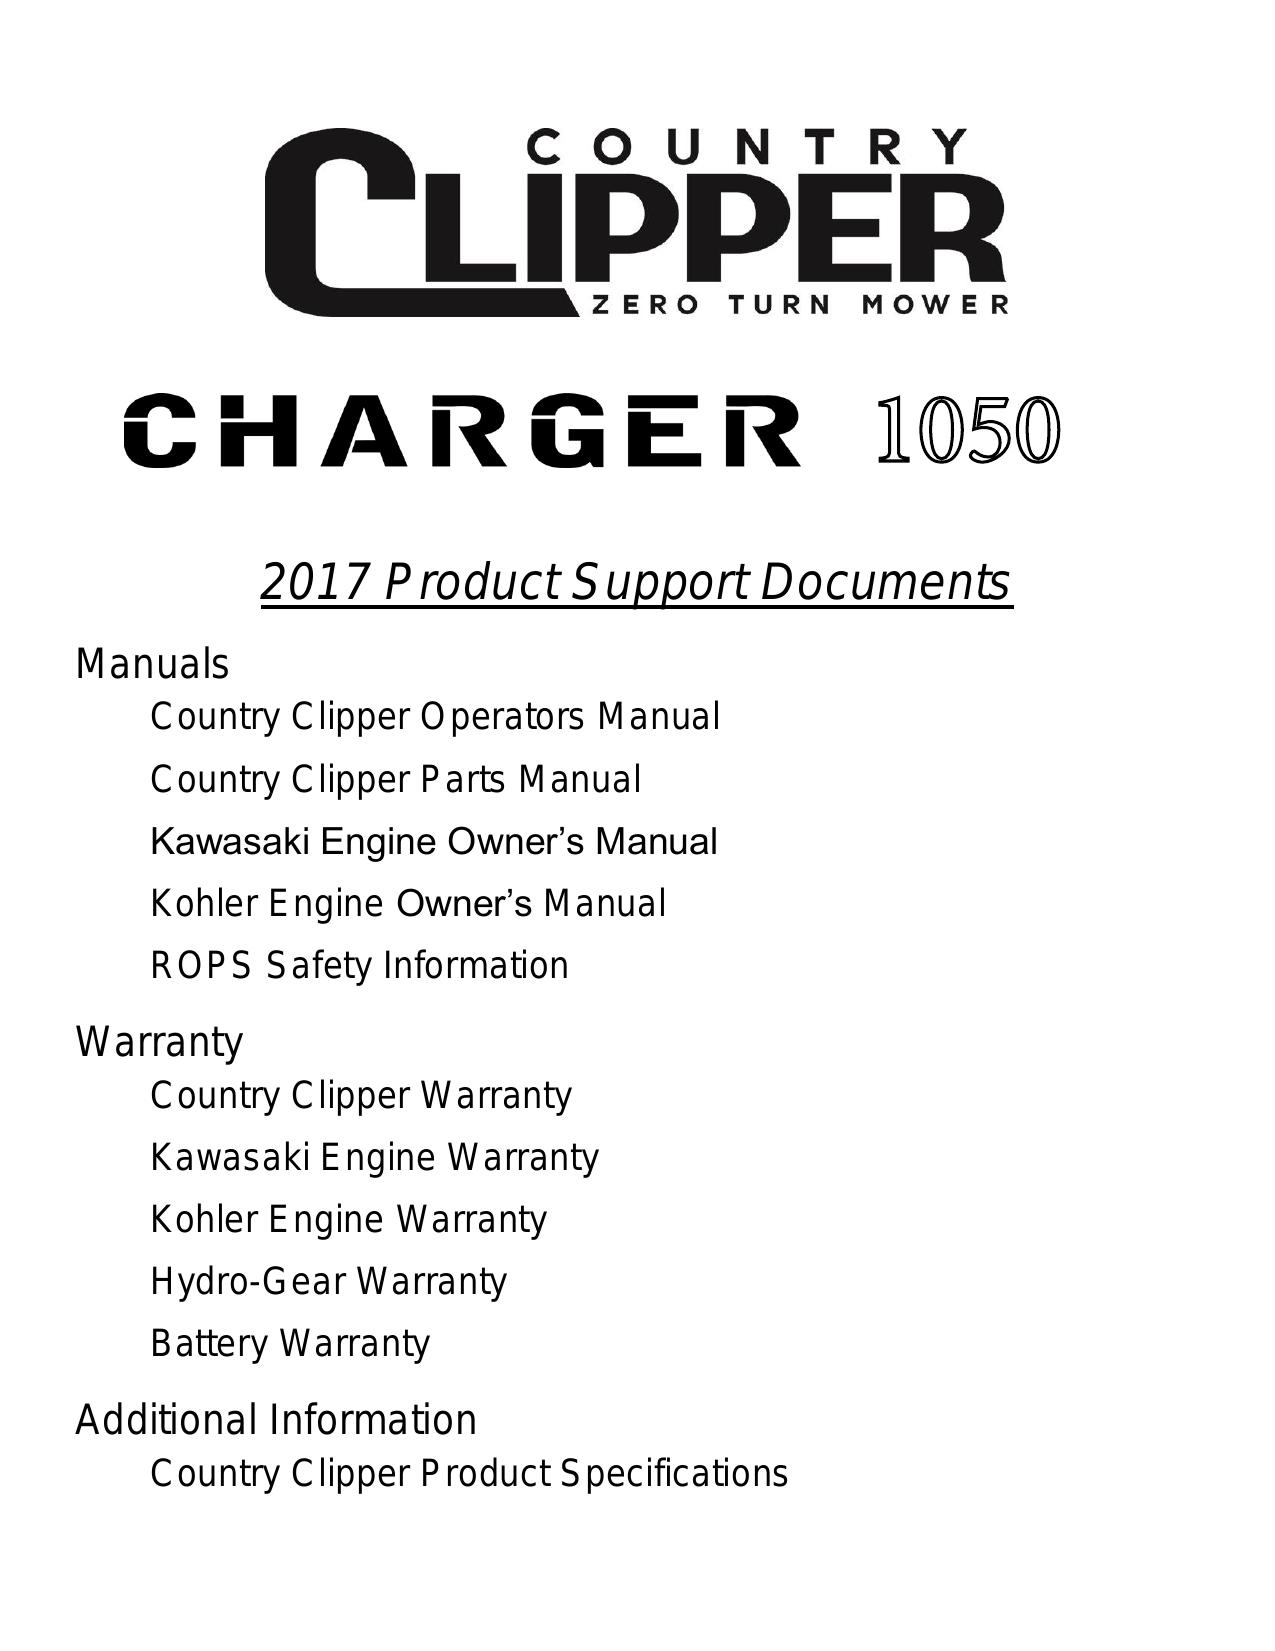 Charger Operators Manual | manualzz com